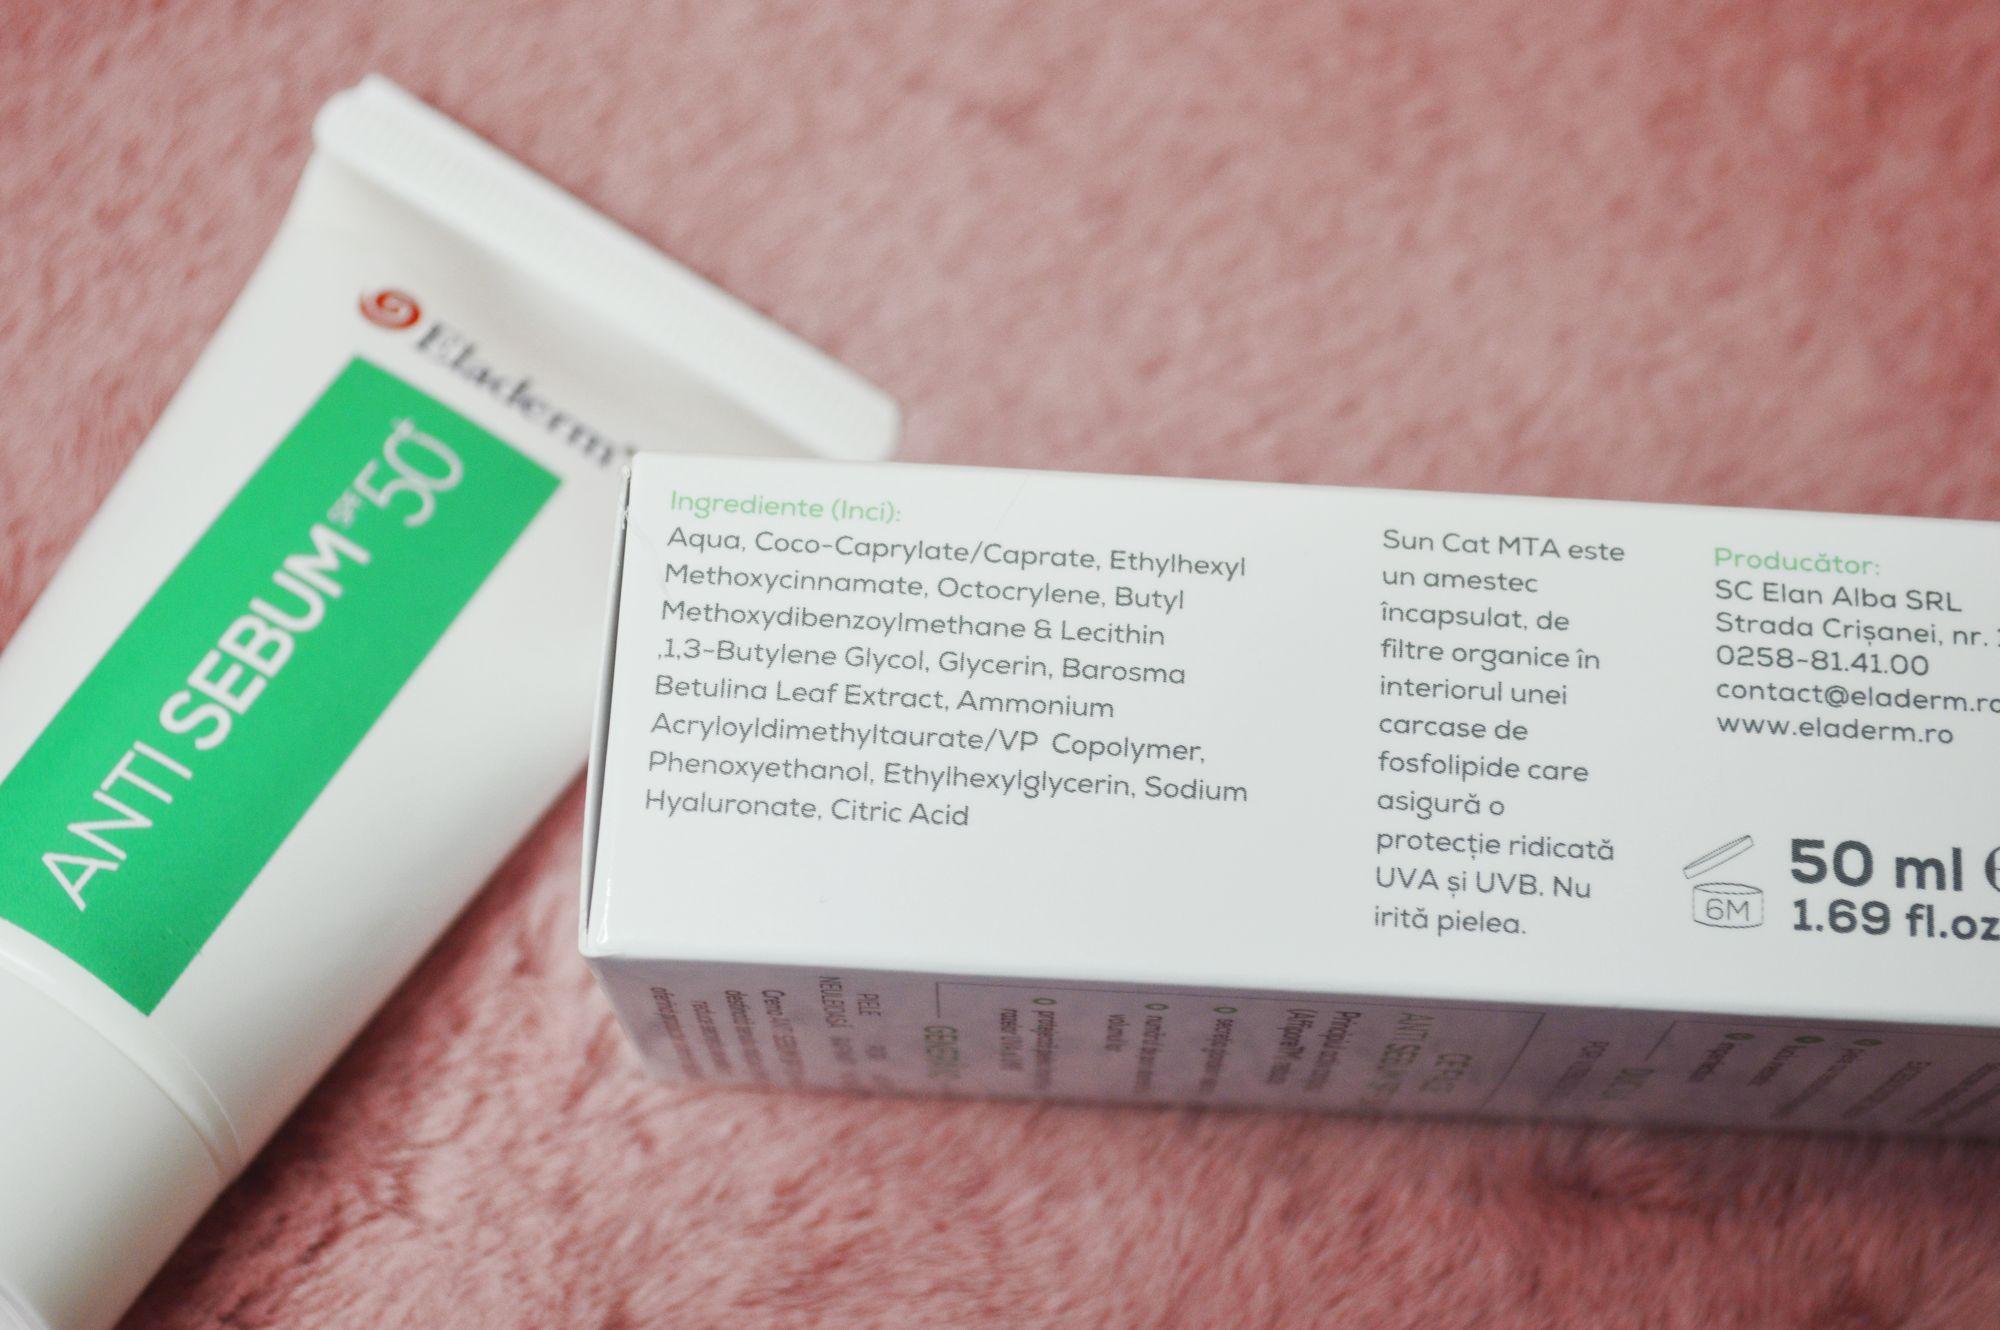 eladerm anti sebum spf50 ingrediente